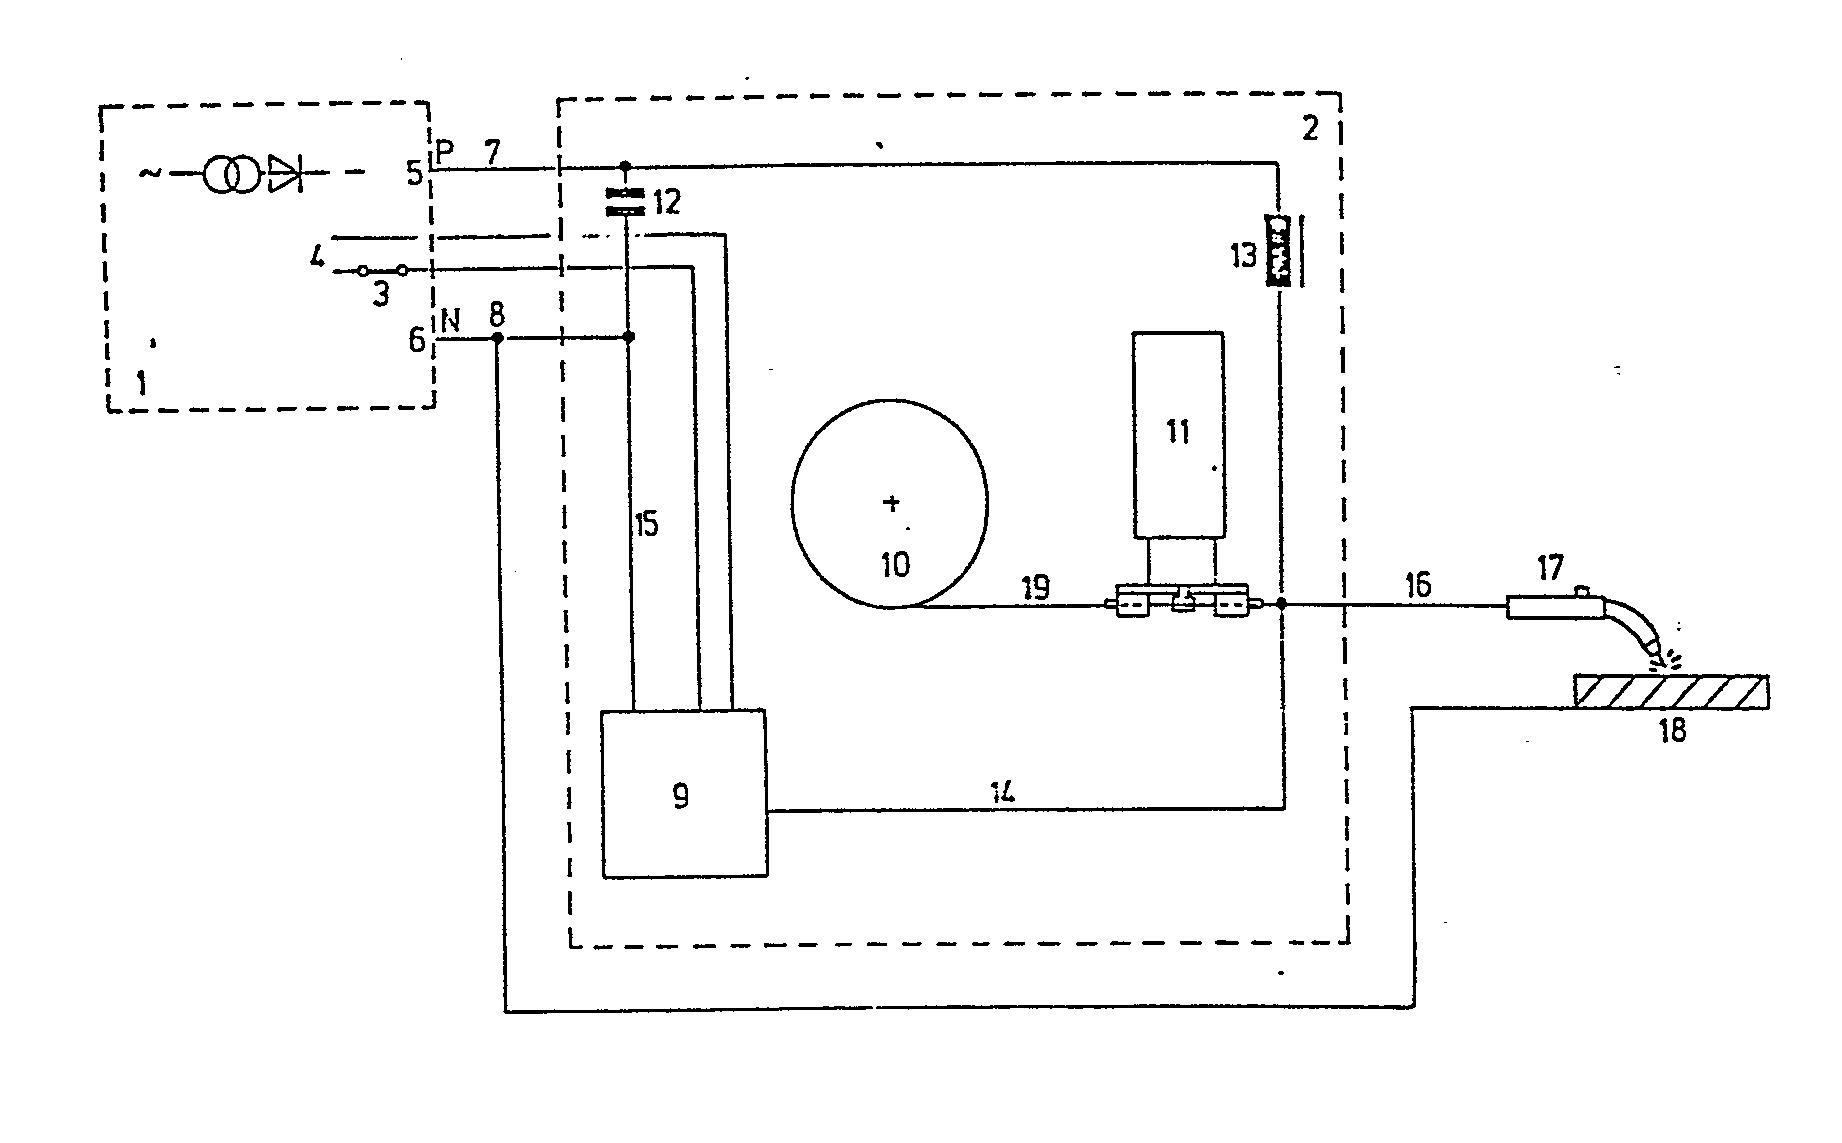 stk621 033n内部电路图